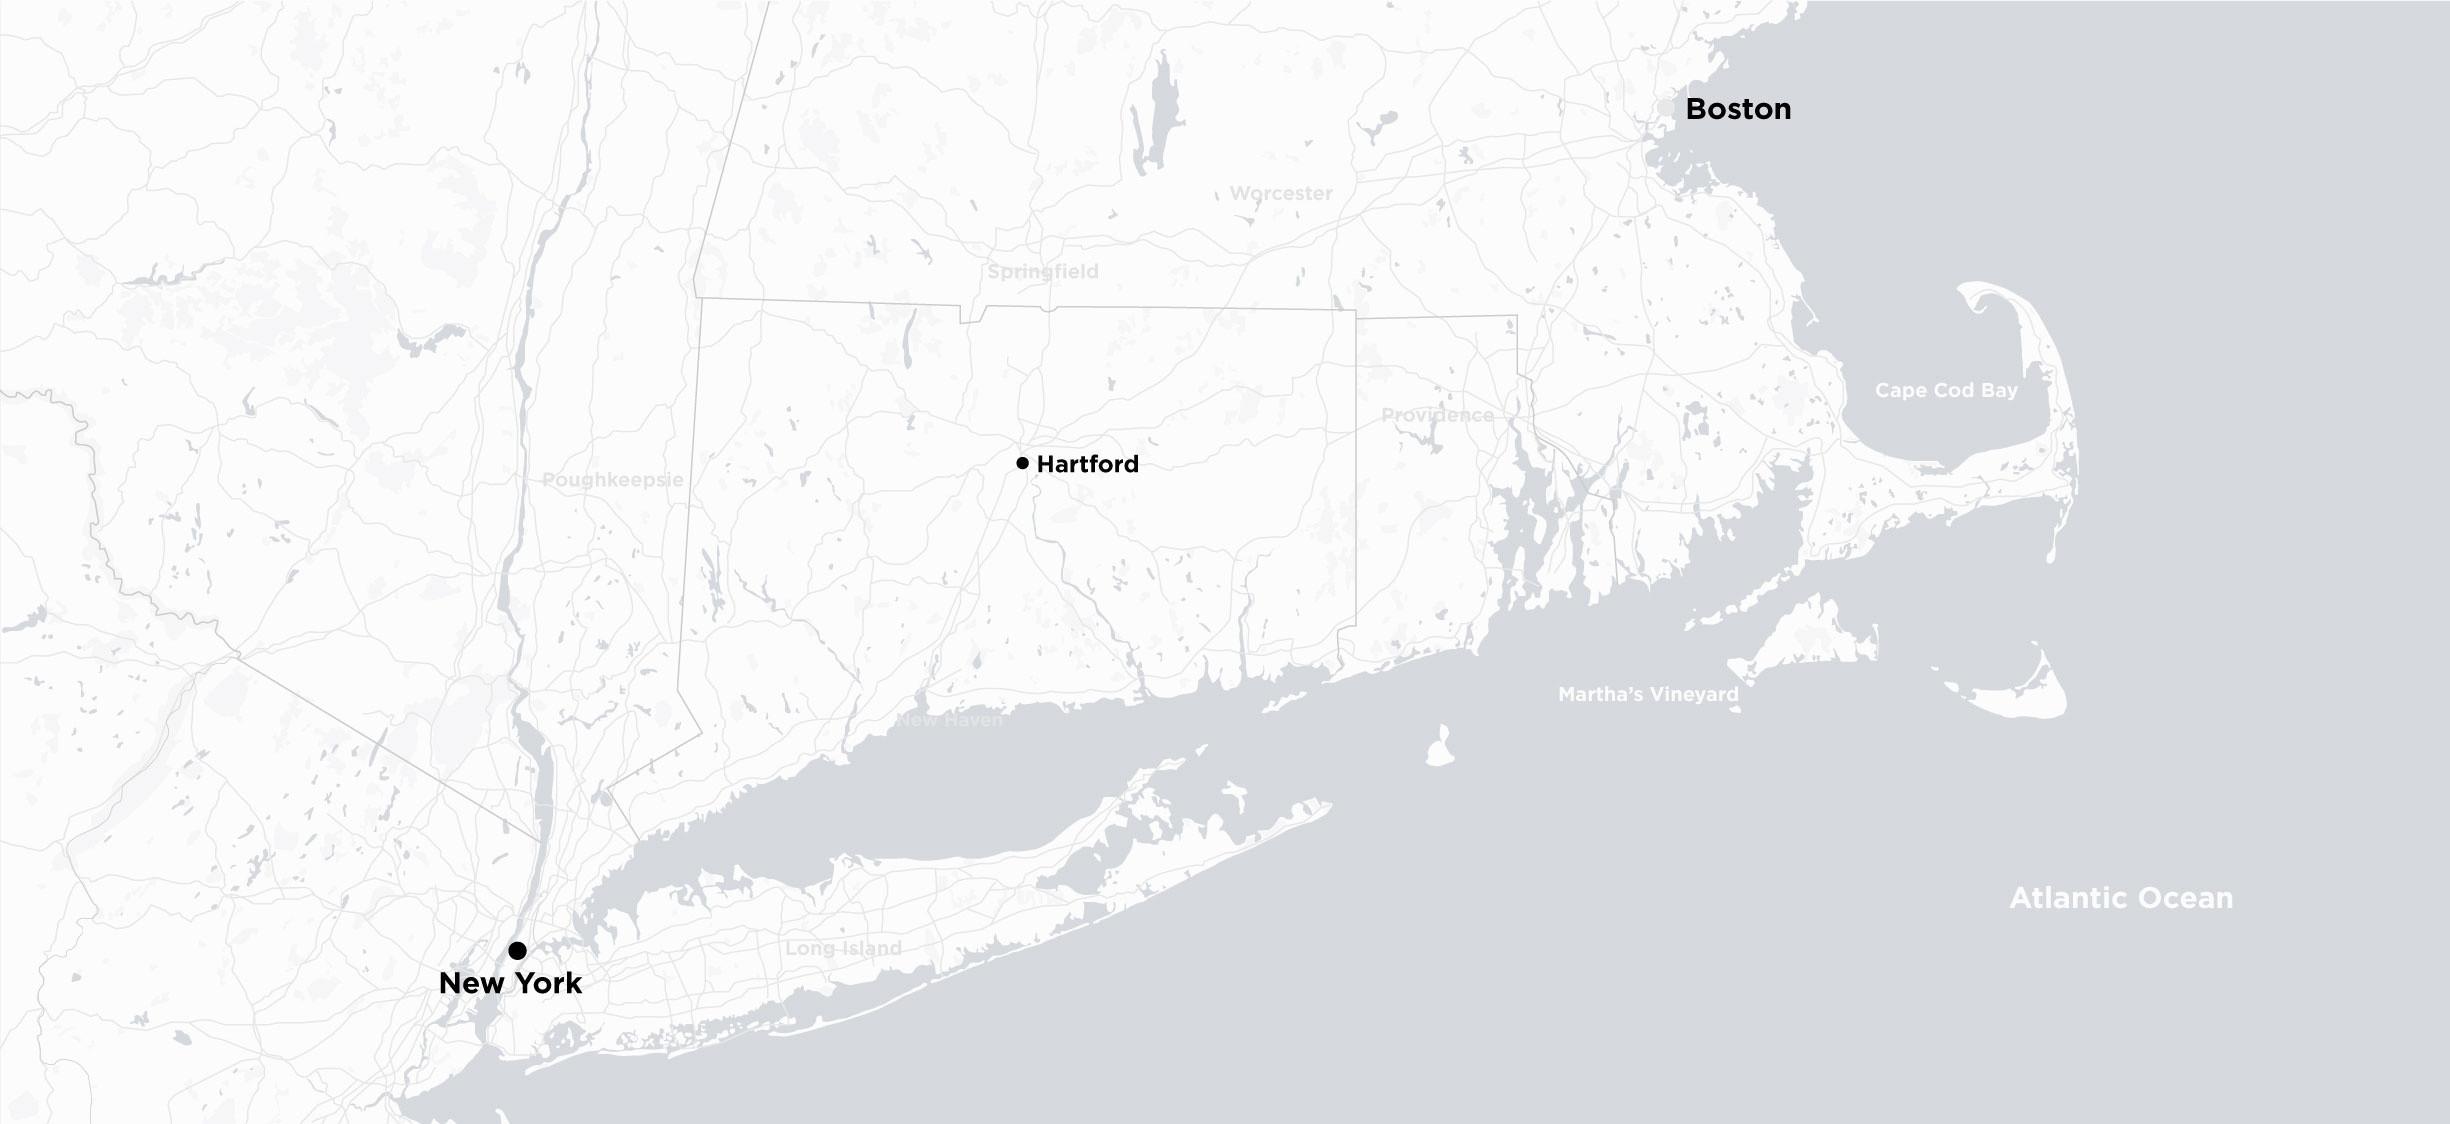 Manhattan to Boston